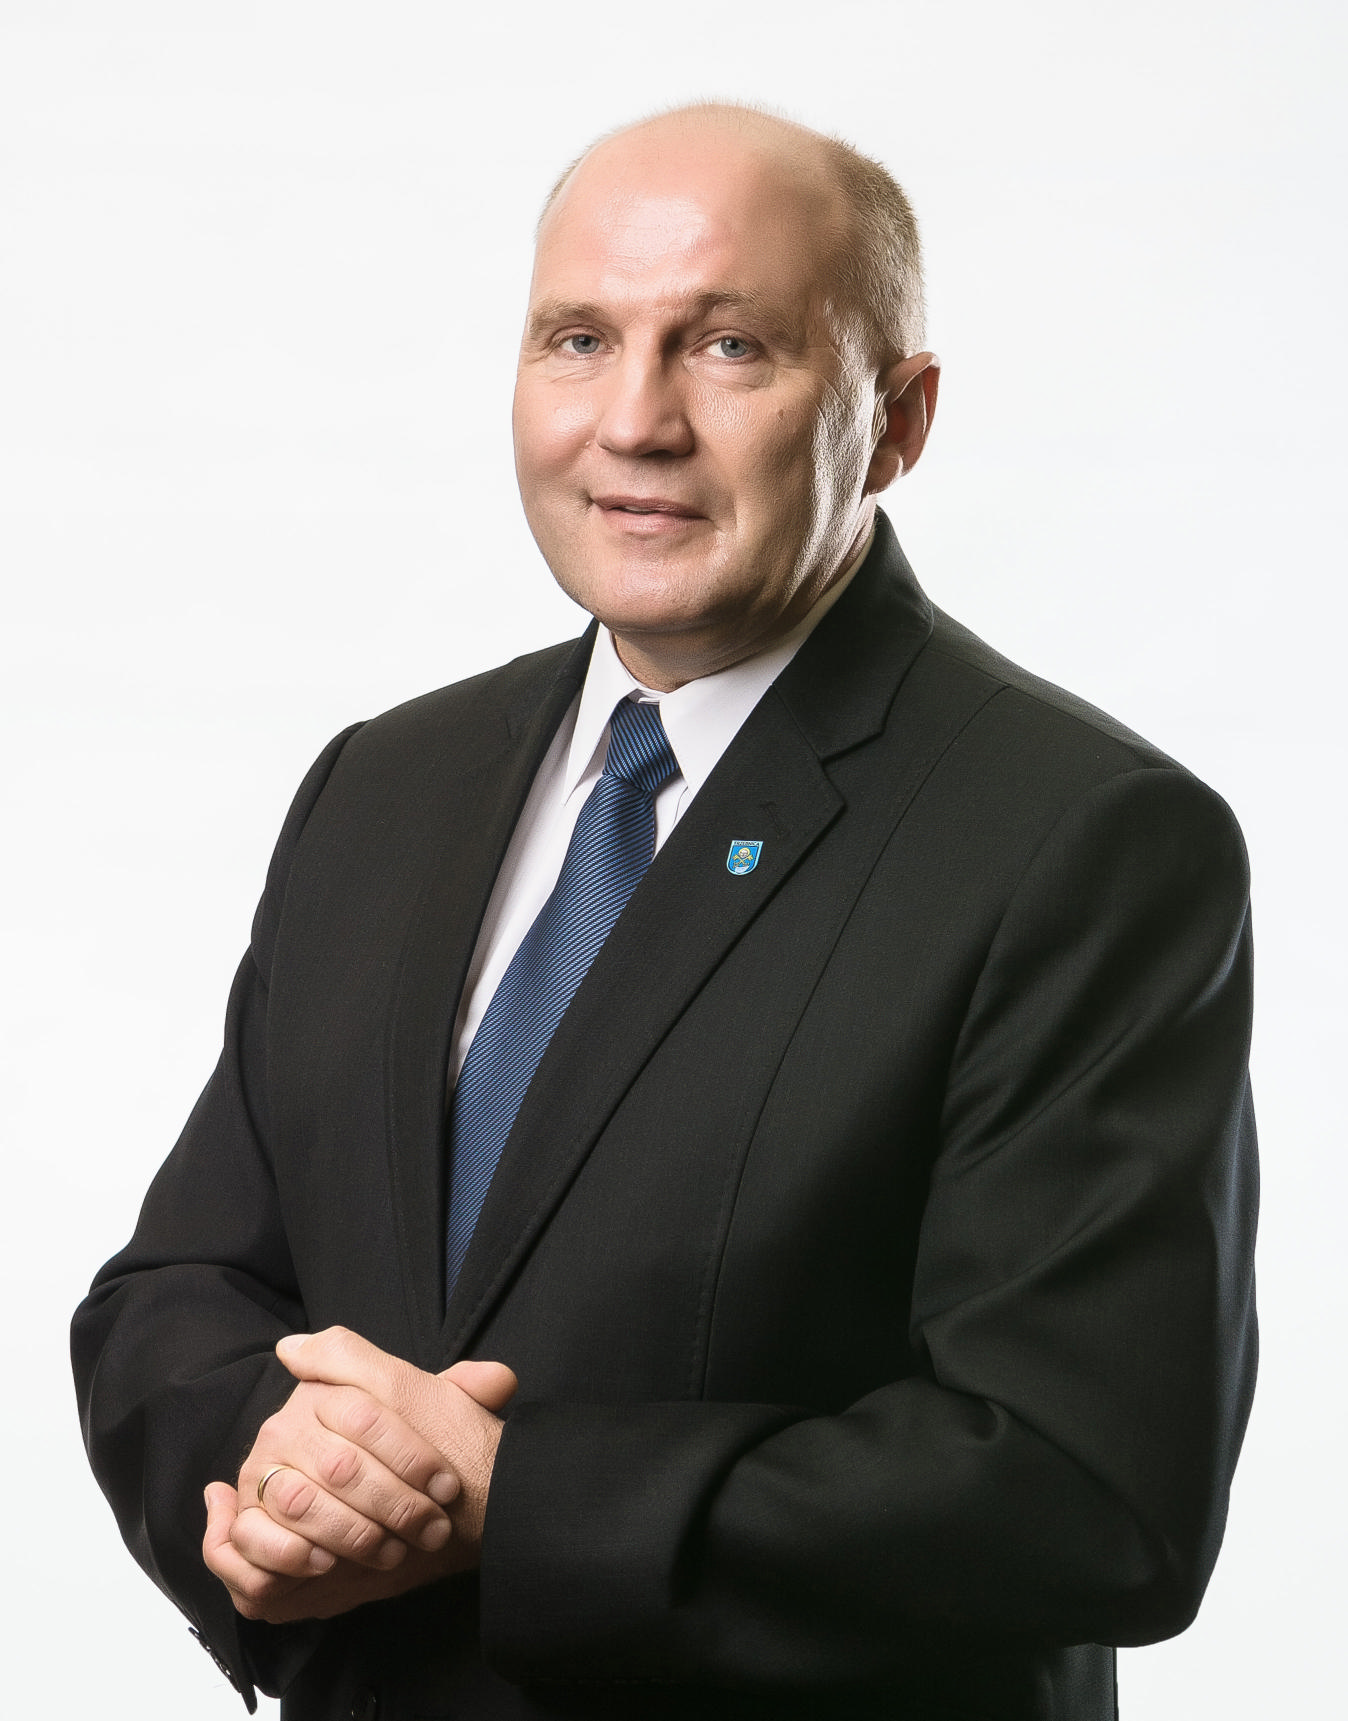 Burmistrz Gminy Trzebnica - Marek Długozima (2).jpeg